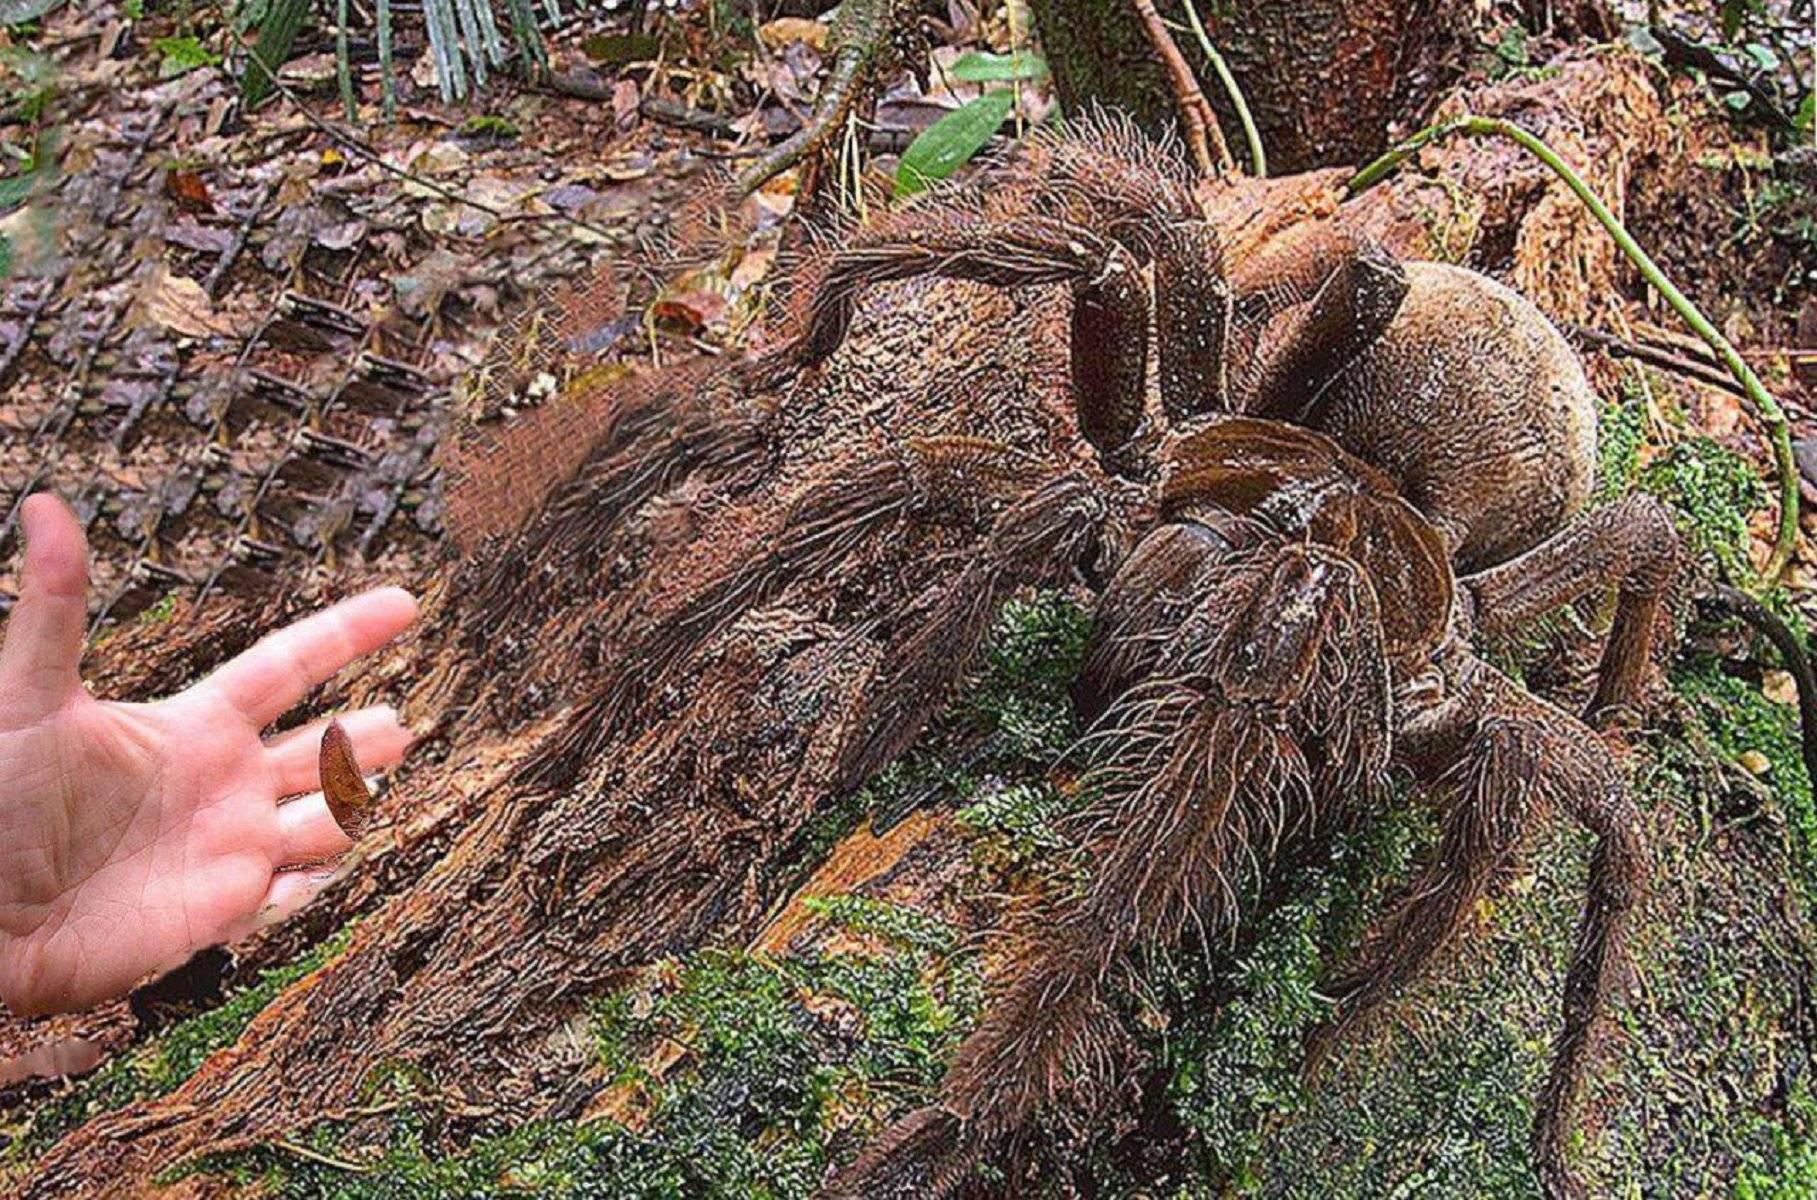 В россии открыт новый вид самого страшного паука в мире - hi-news.ru